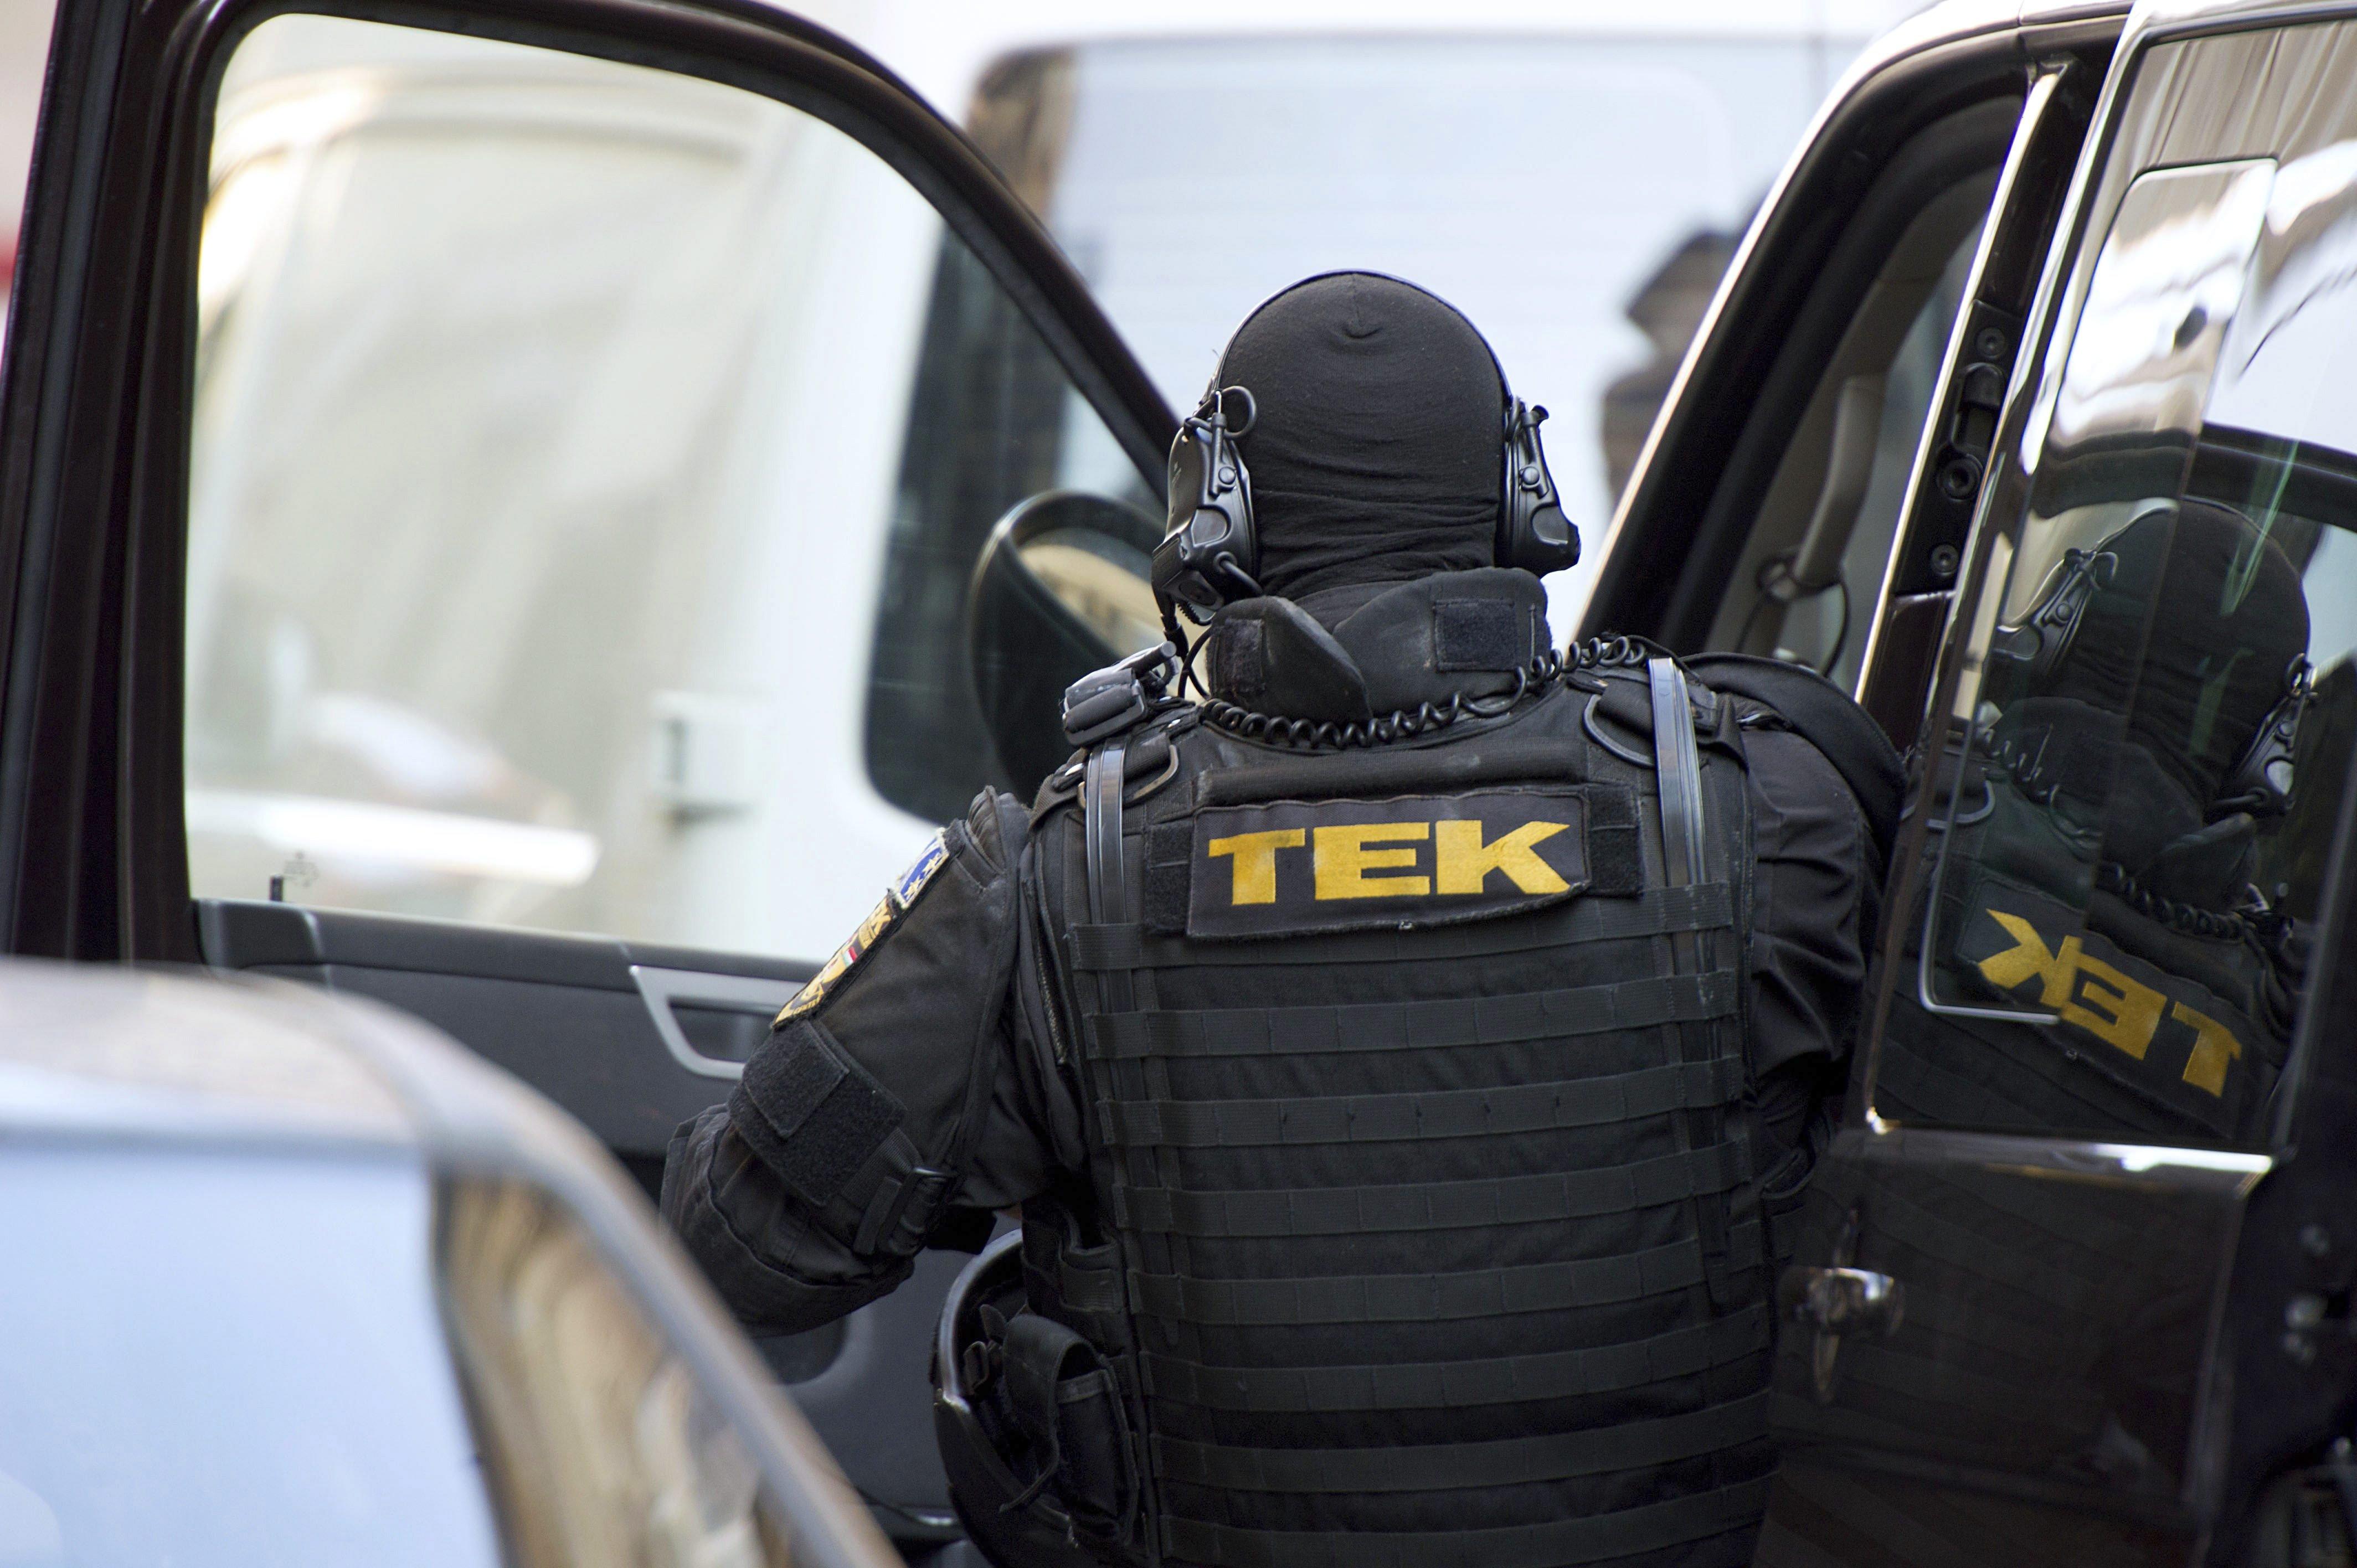 Elfogták a férfit, aki megírta a TEK-nek, hogy rendőröket akar ölni